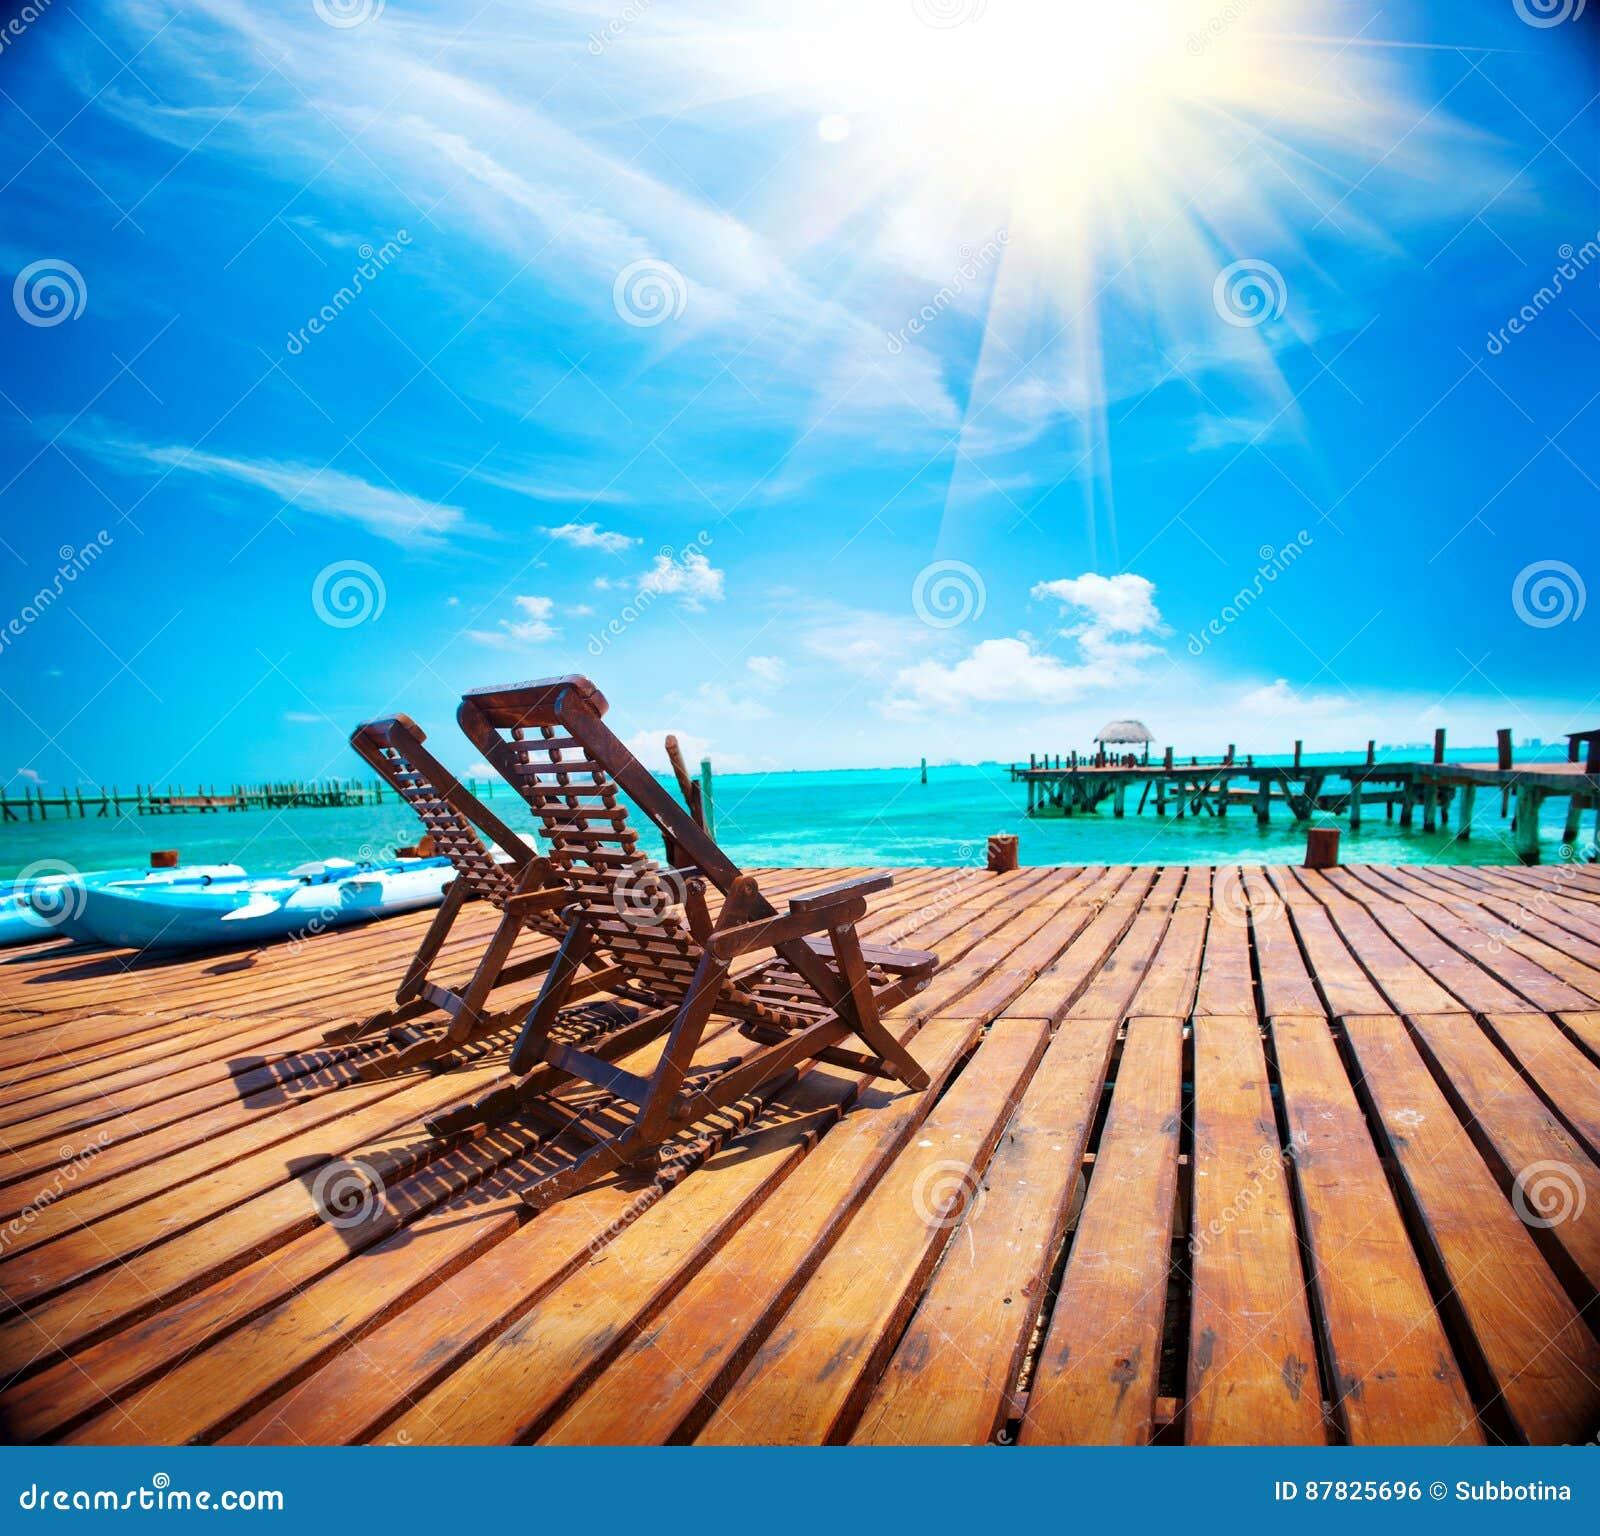 Exotic Caribbean Paradise. Tropical Beach Resort Stock